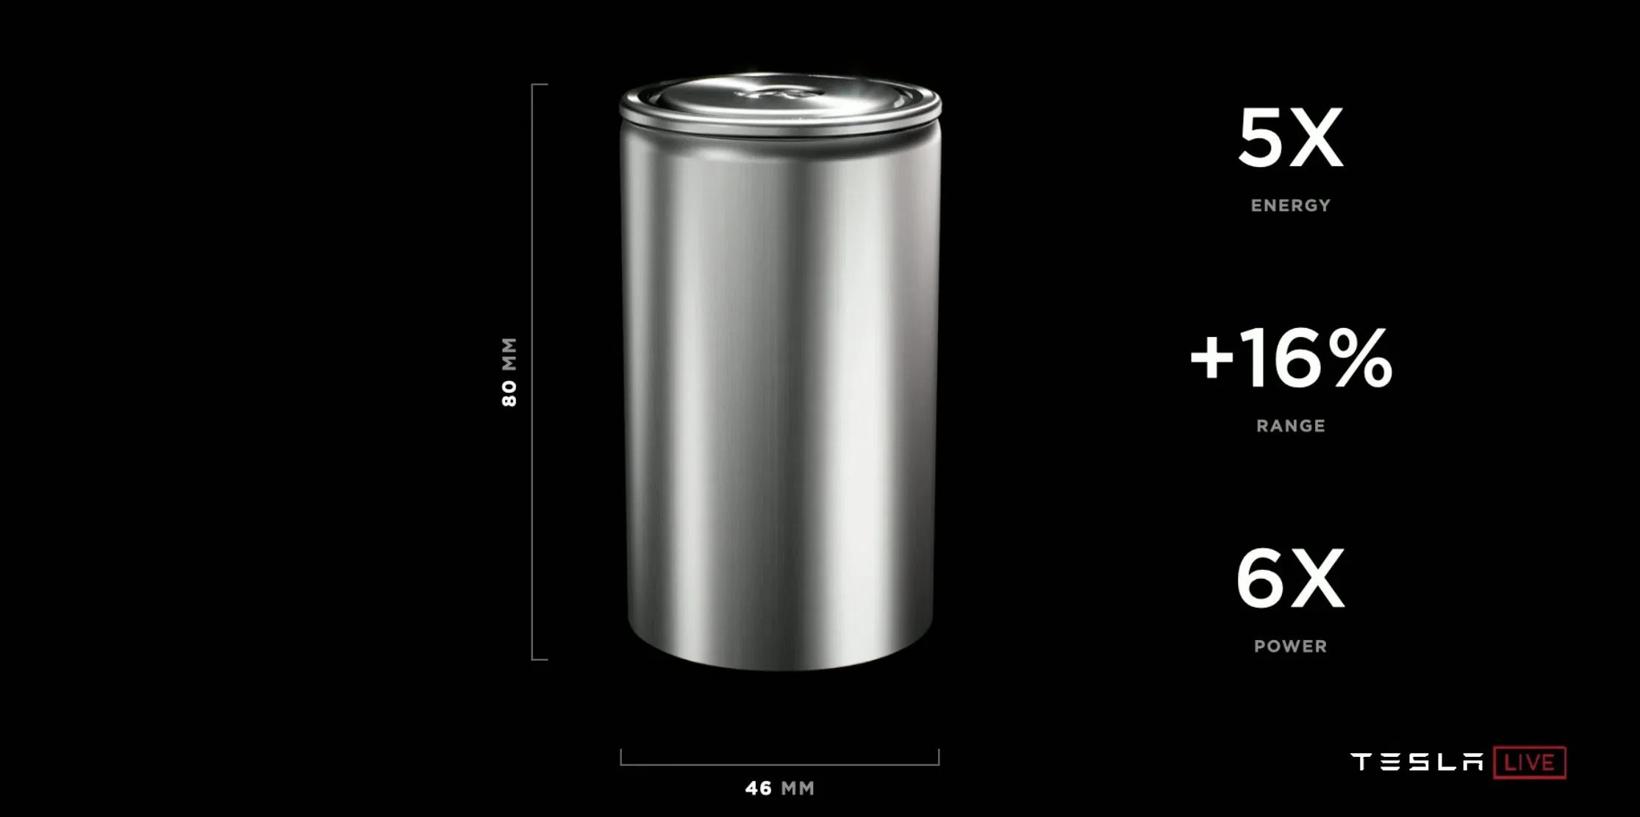 特斯拉,电池,特斯拉电芯,LG 4680